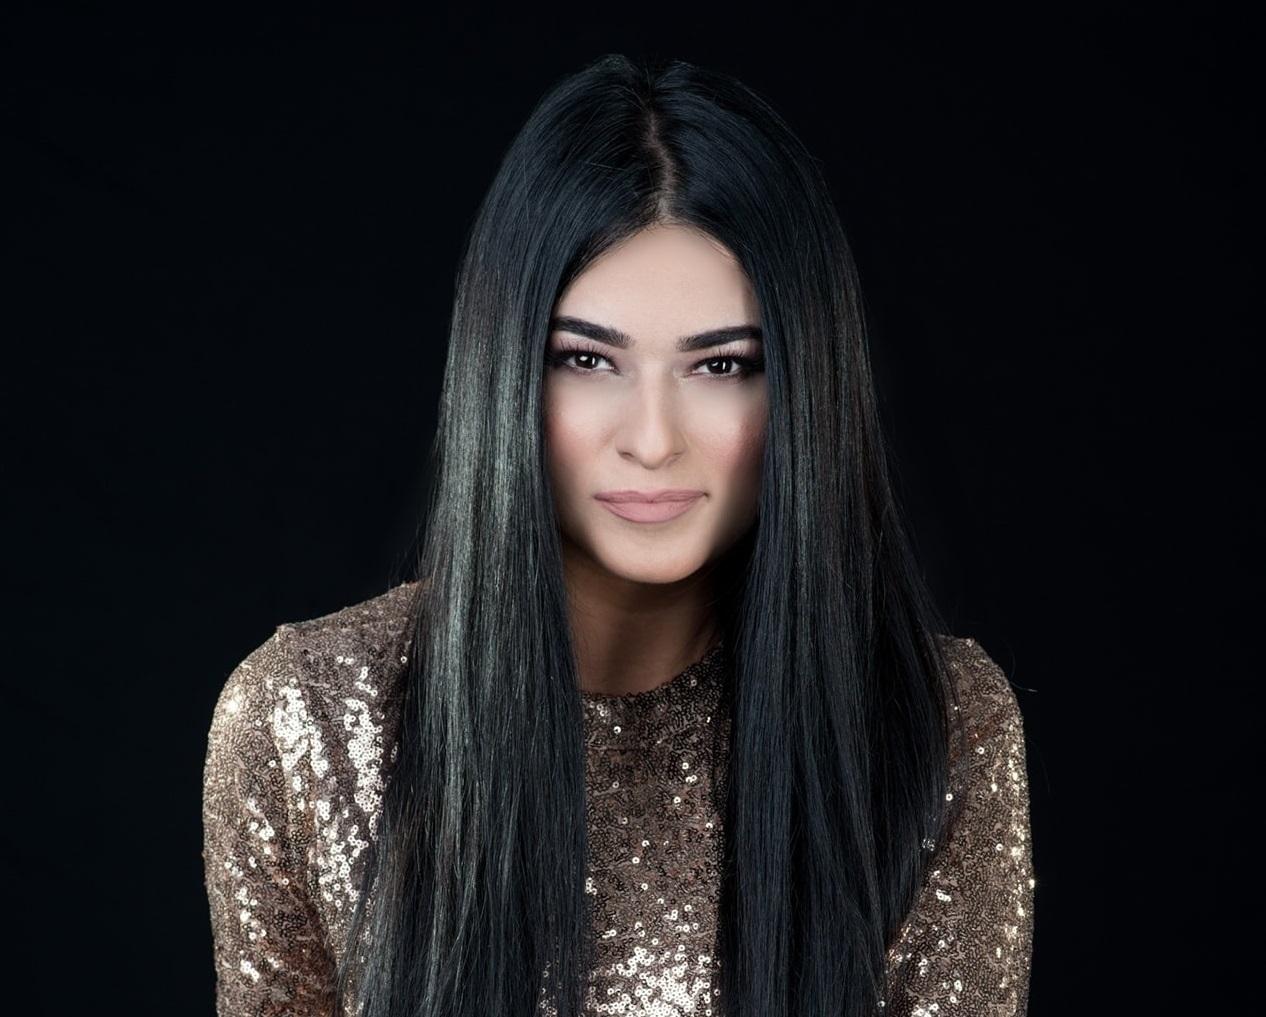 Ammara Mistrić: Čvrsto vjerujem da se od svog predanog rada može živjeti